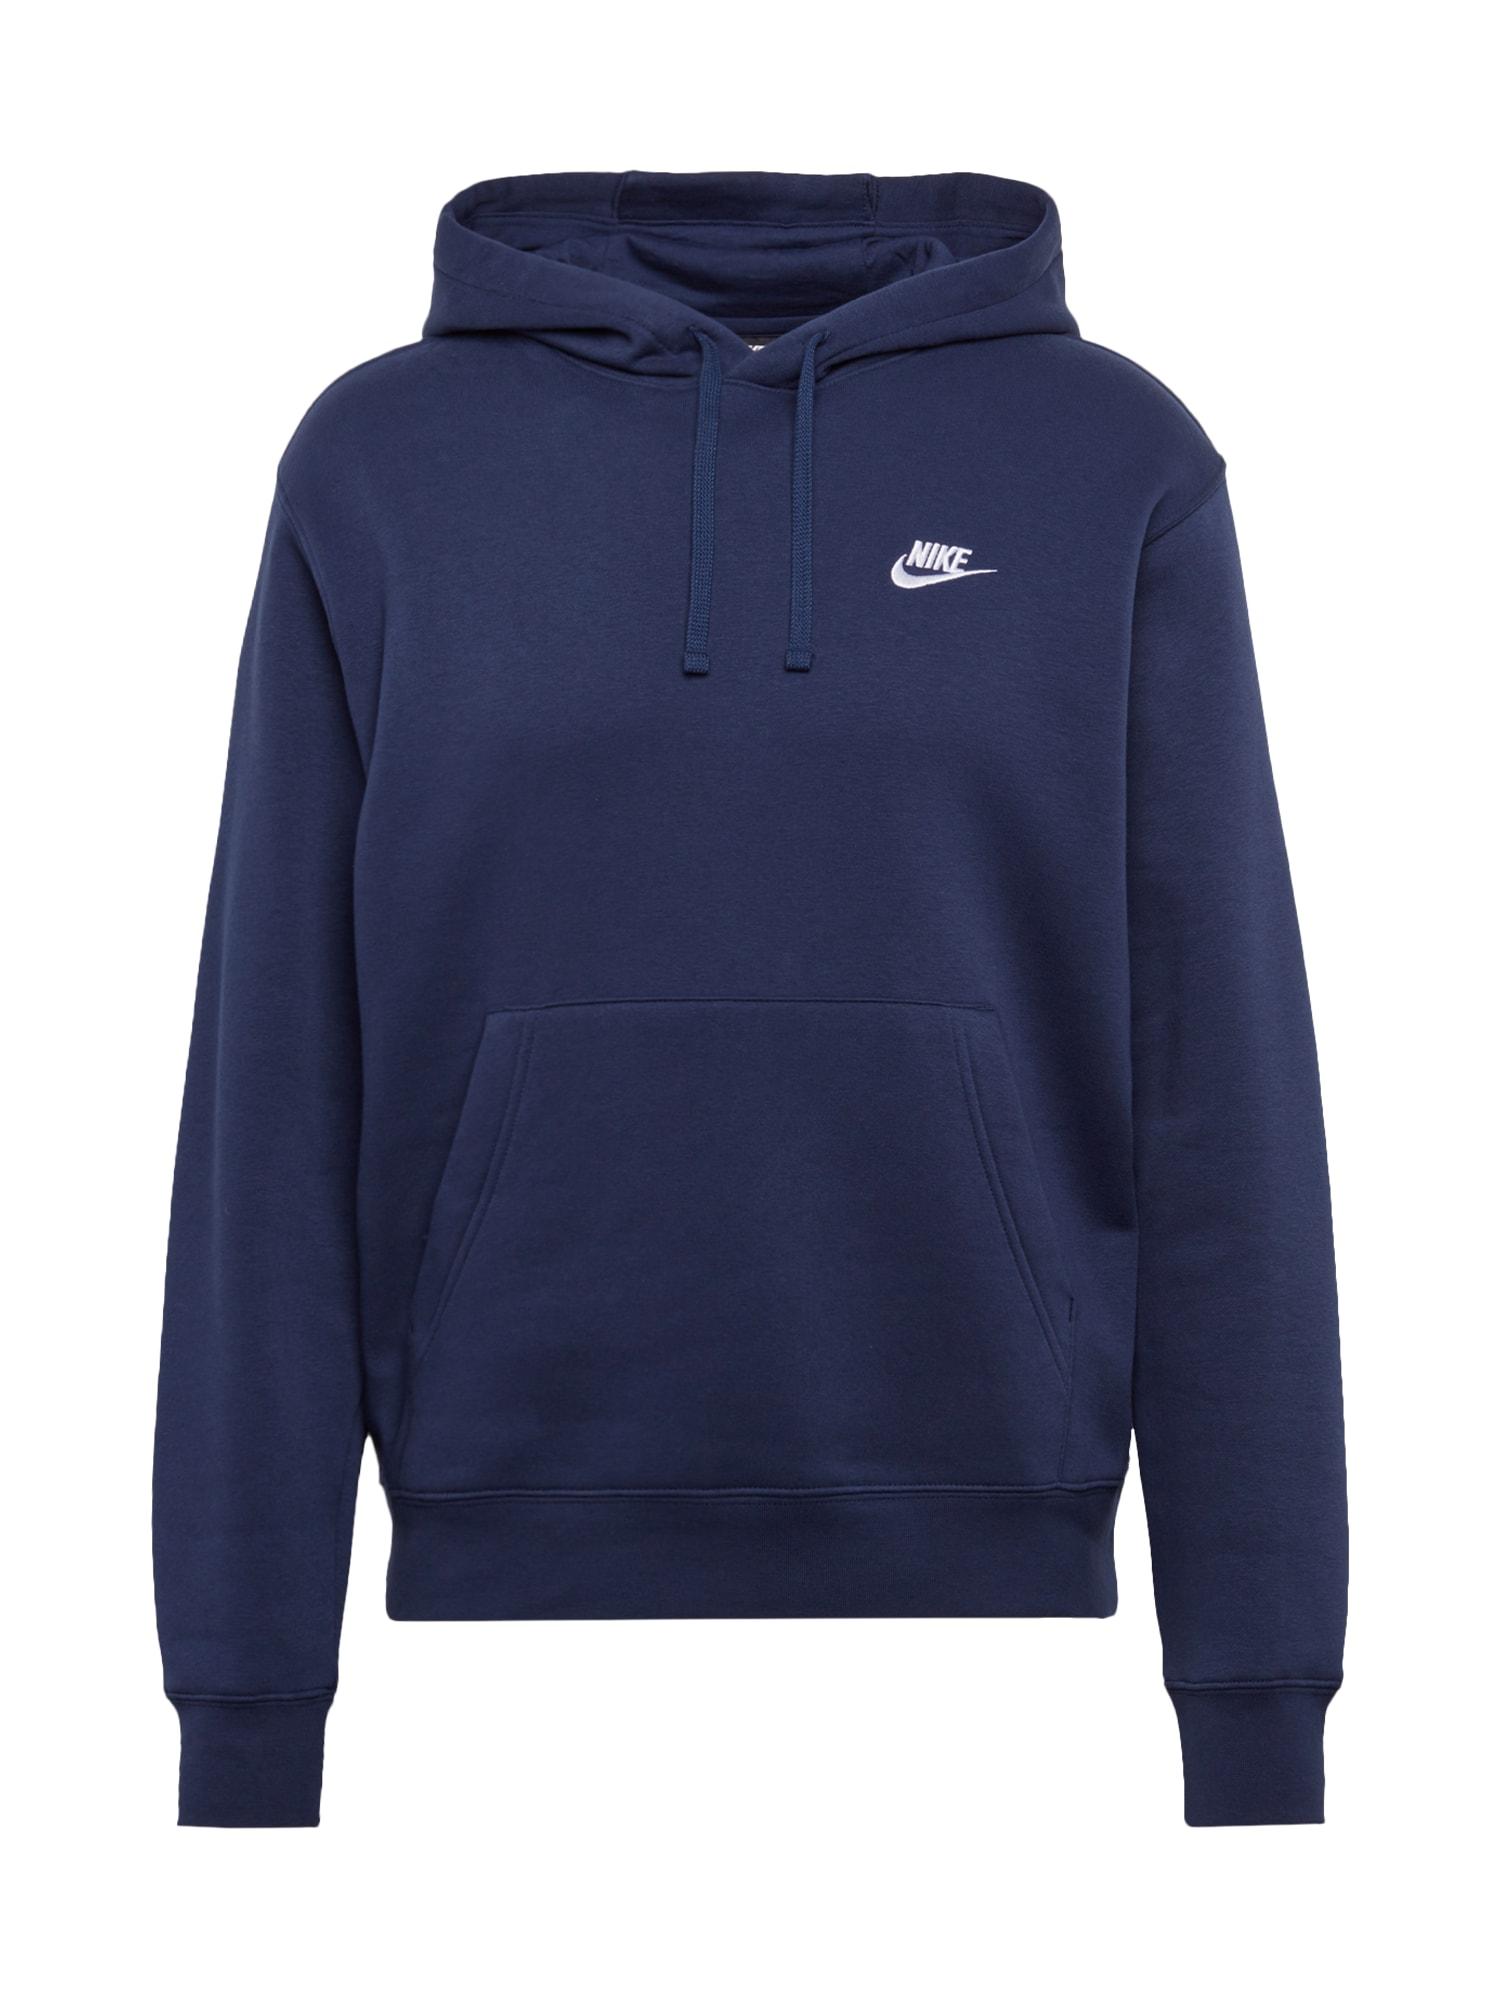 Mikina Club tmavě modrá Nike Sportswear